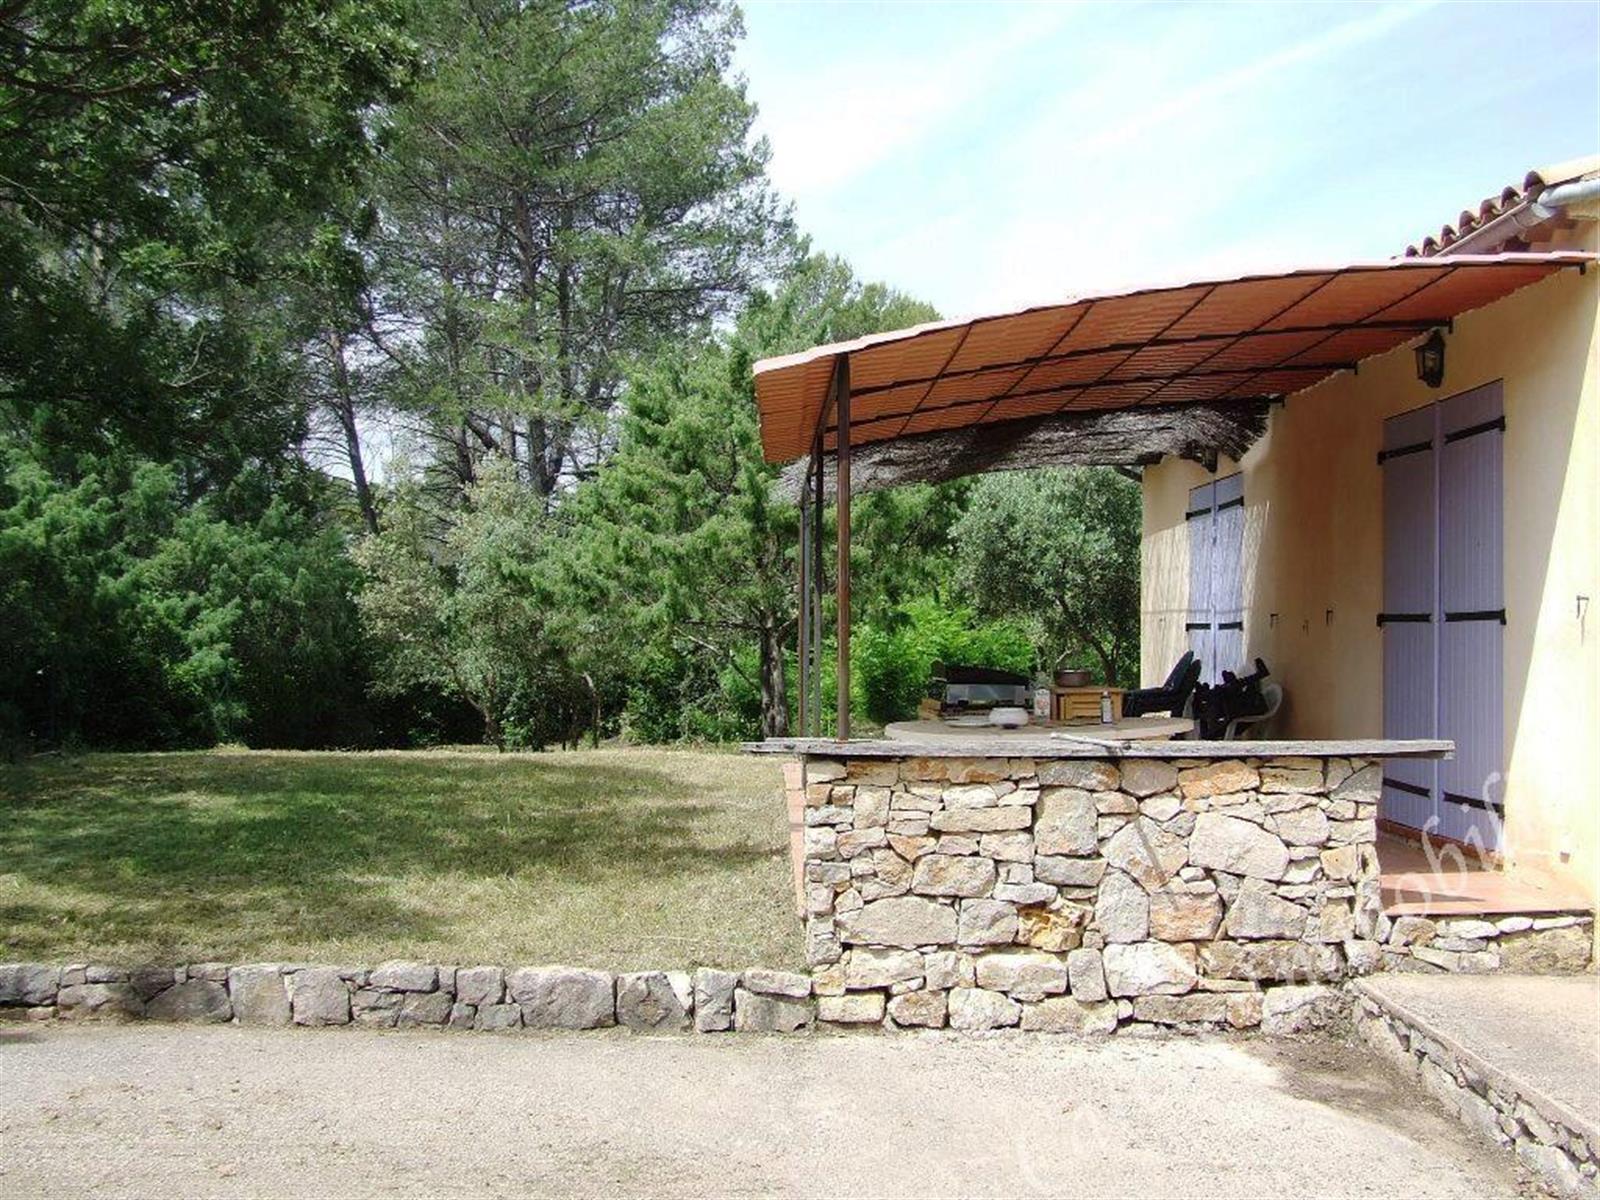 Maison de vacances - Cotignac - #4184431-8